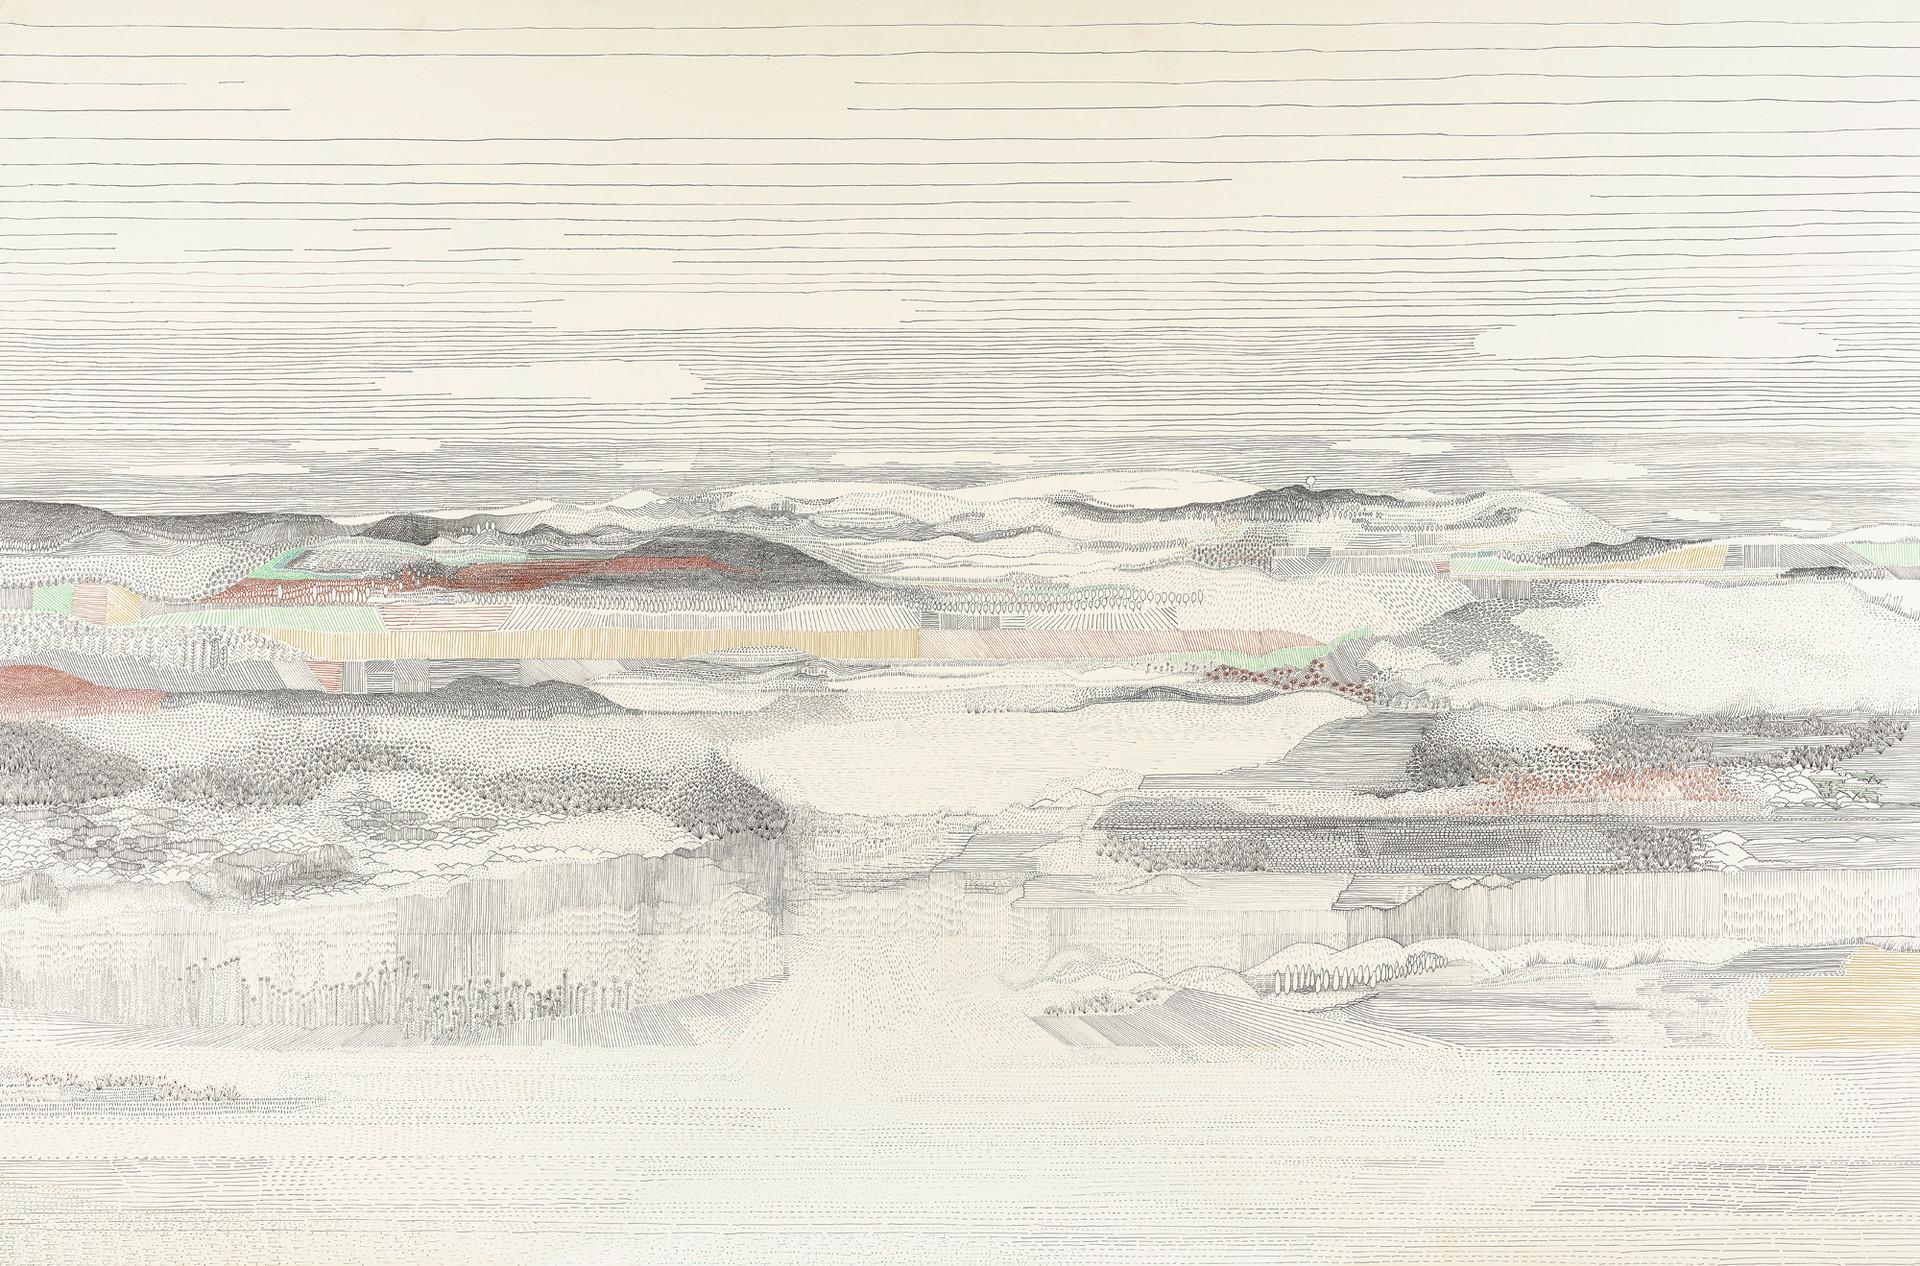 Cravant Aviatroglo // 120 x 80 cm